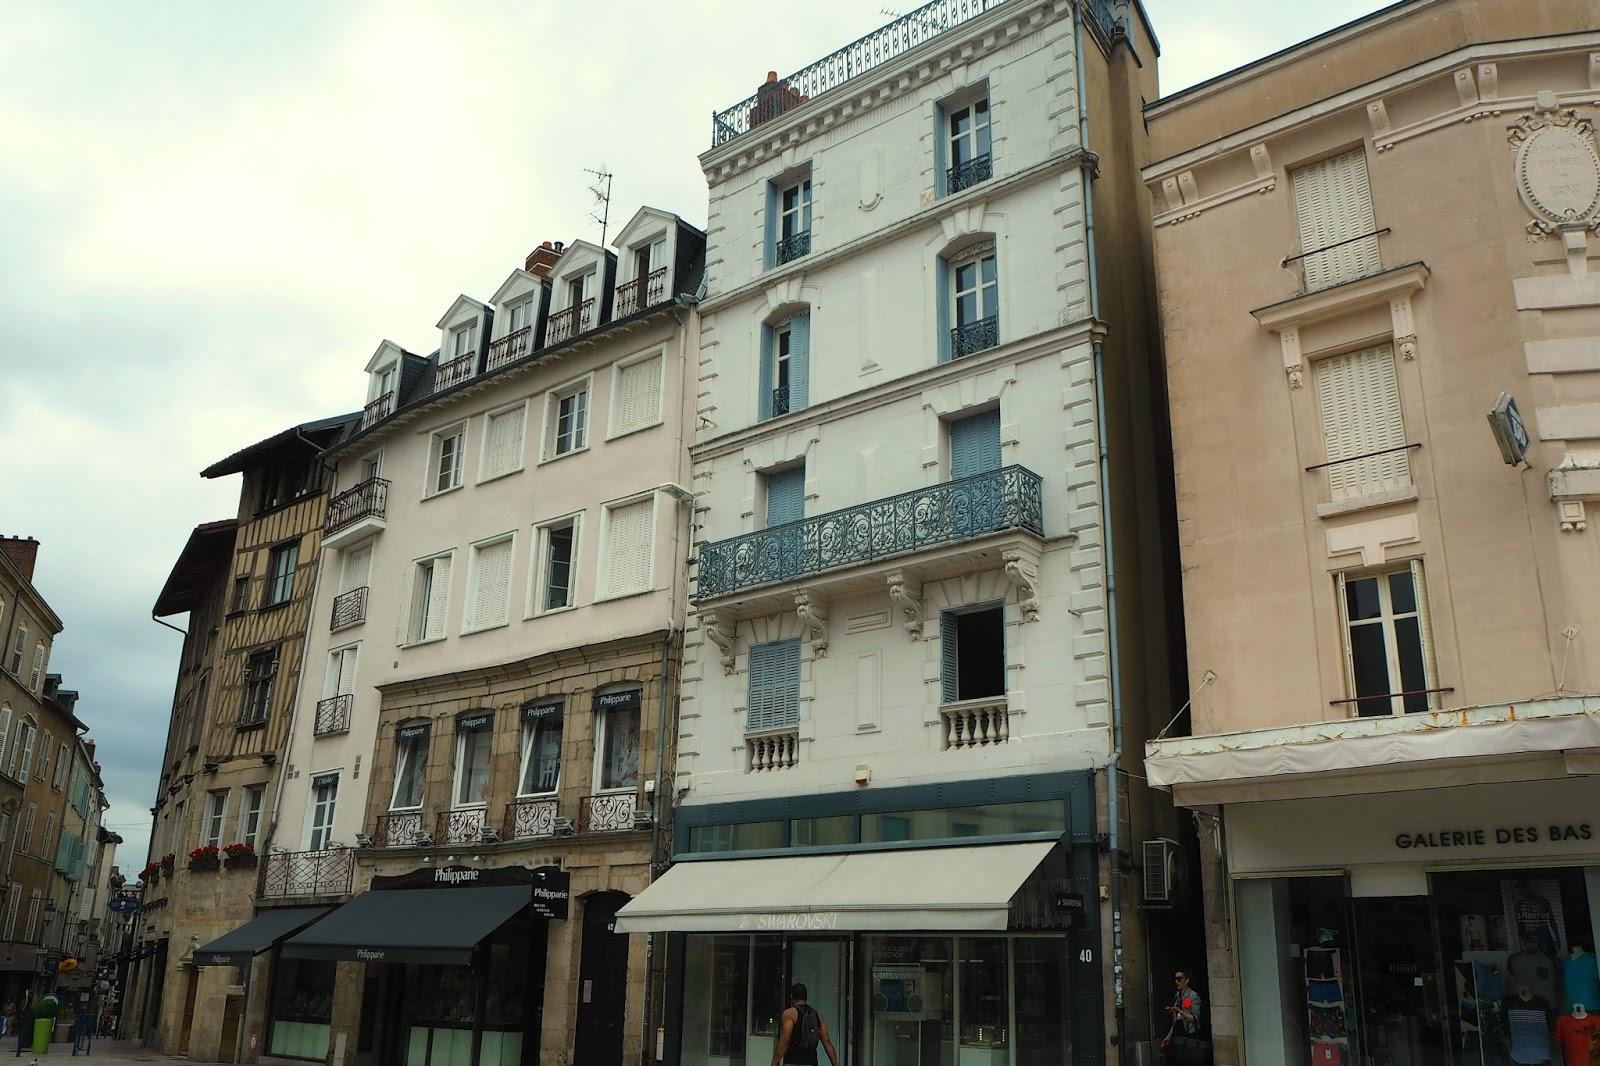 Buildings in Limoges